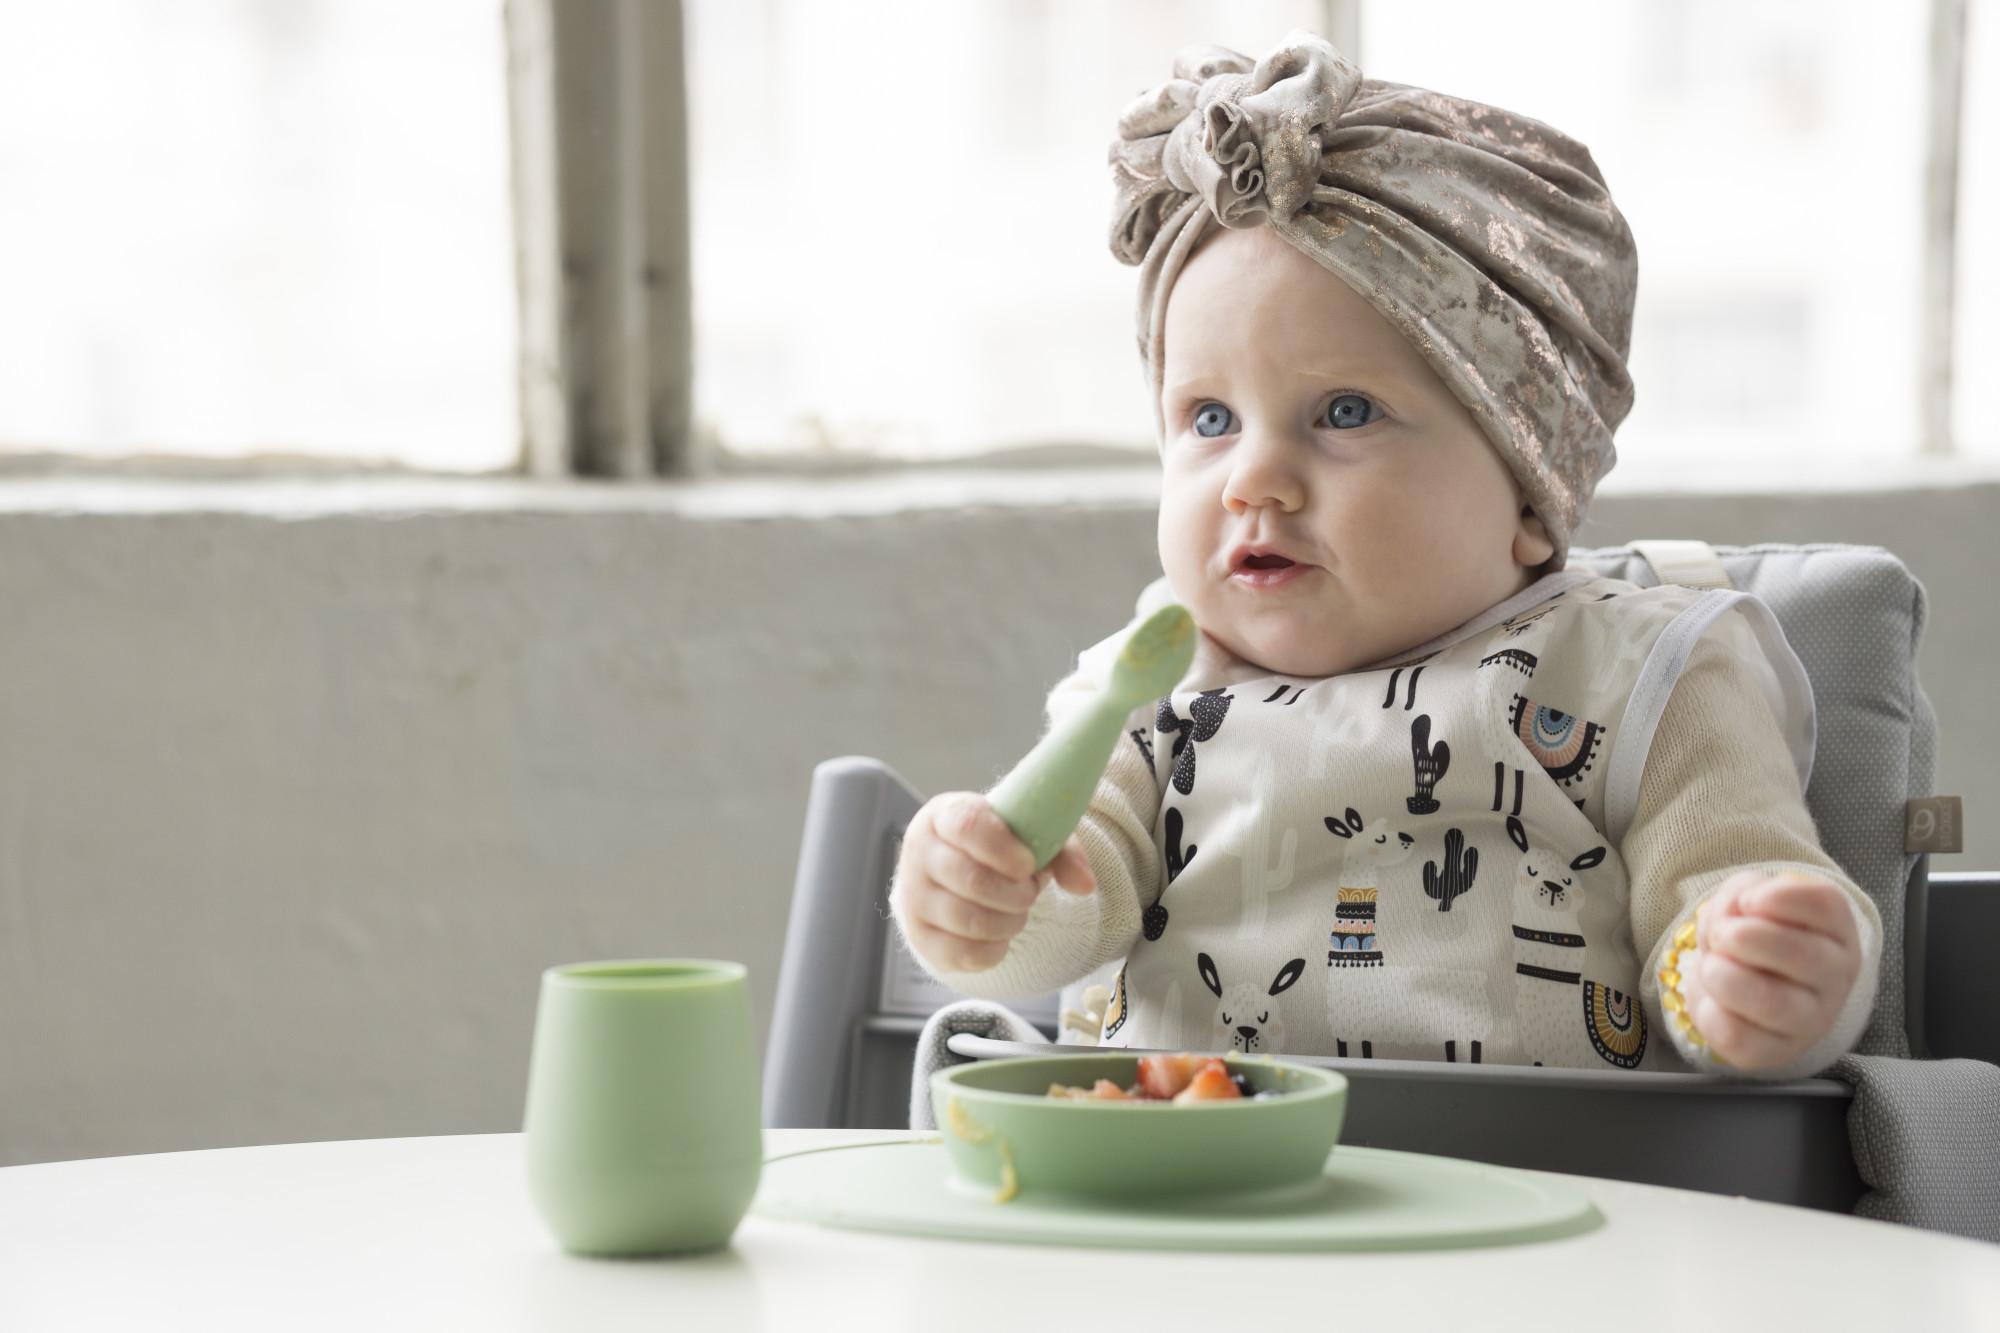 Набор из 4-х предметов цвет розовый EZPZ First Food Set